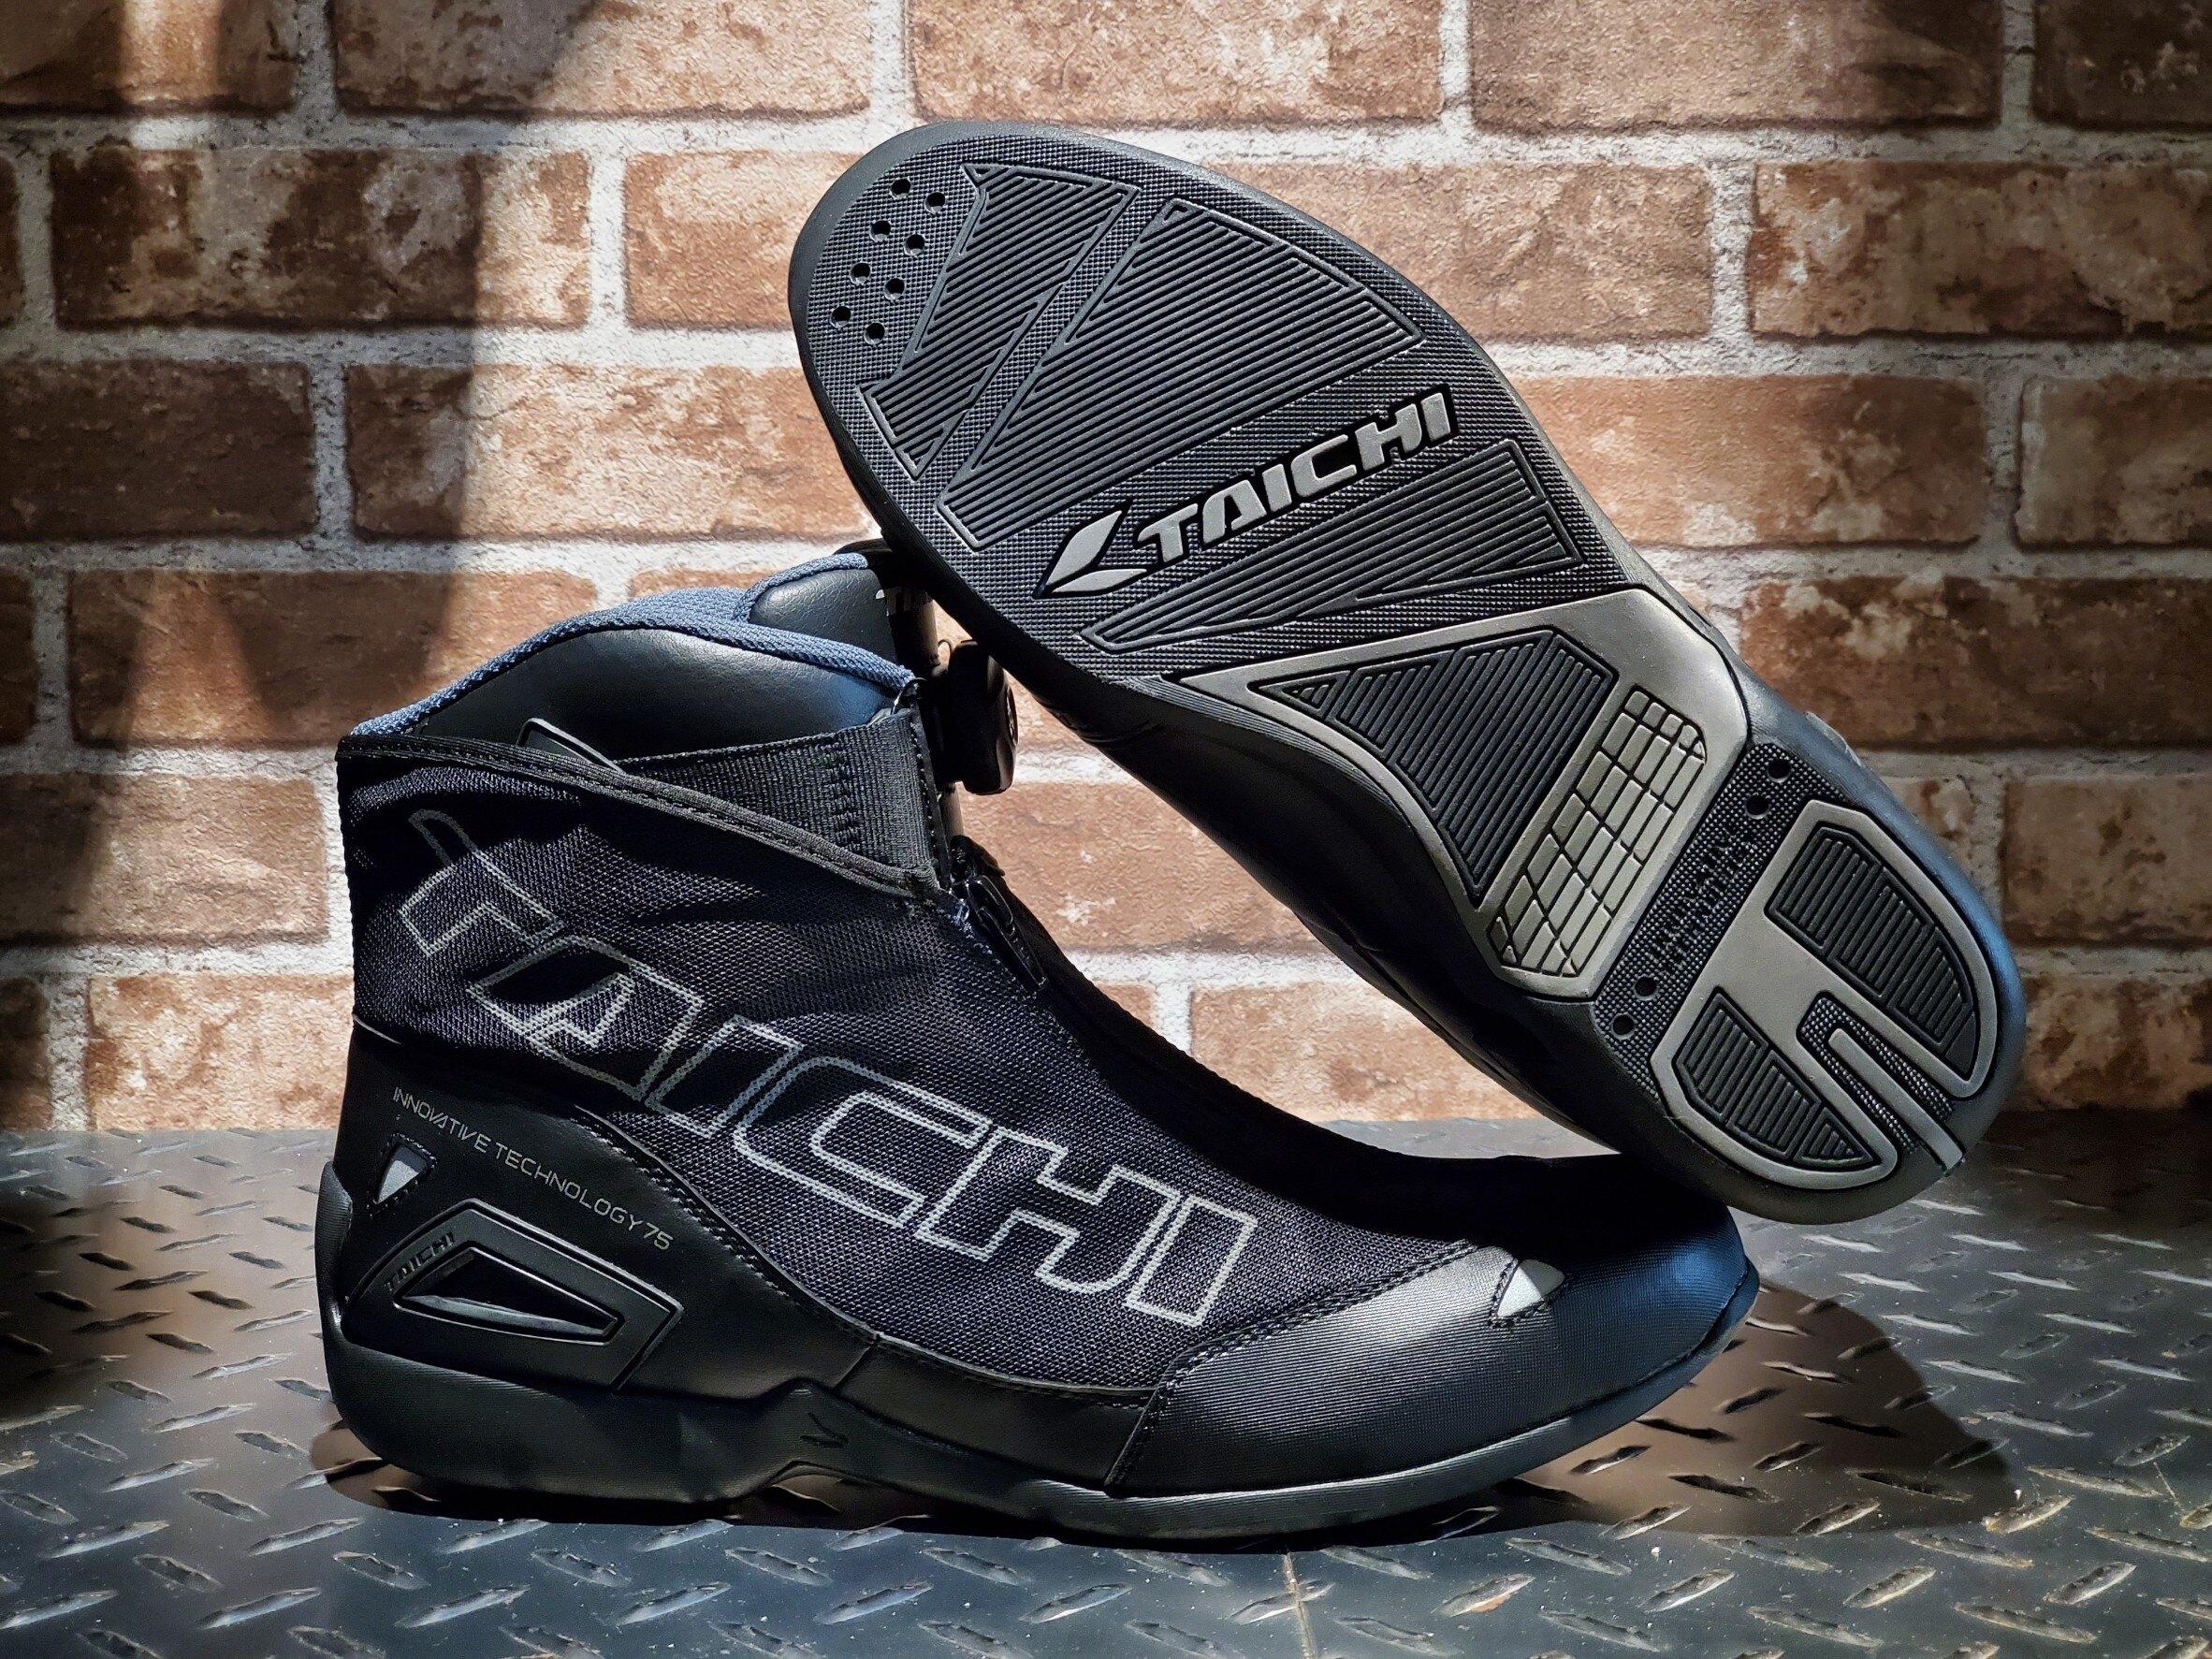 任我行騎士部品 RS TAICHI RSS008 REFLECTIVE BLACK 黑色 透氣 車靴 太極